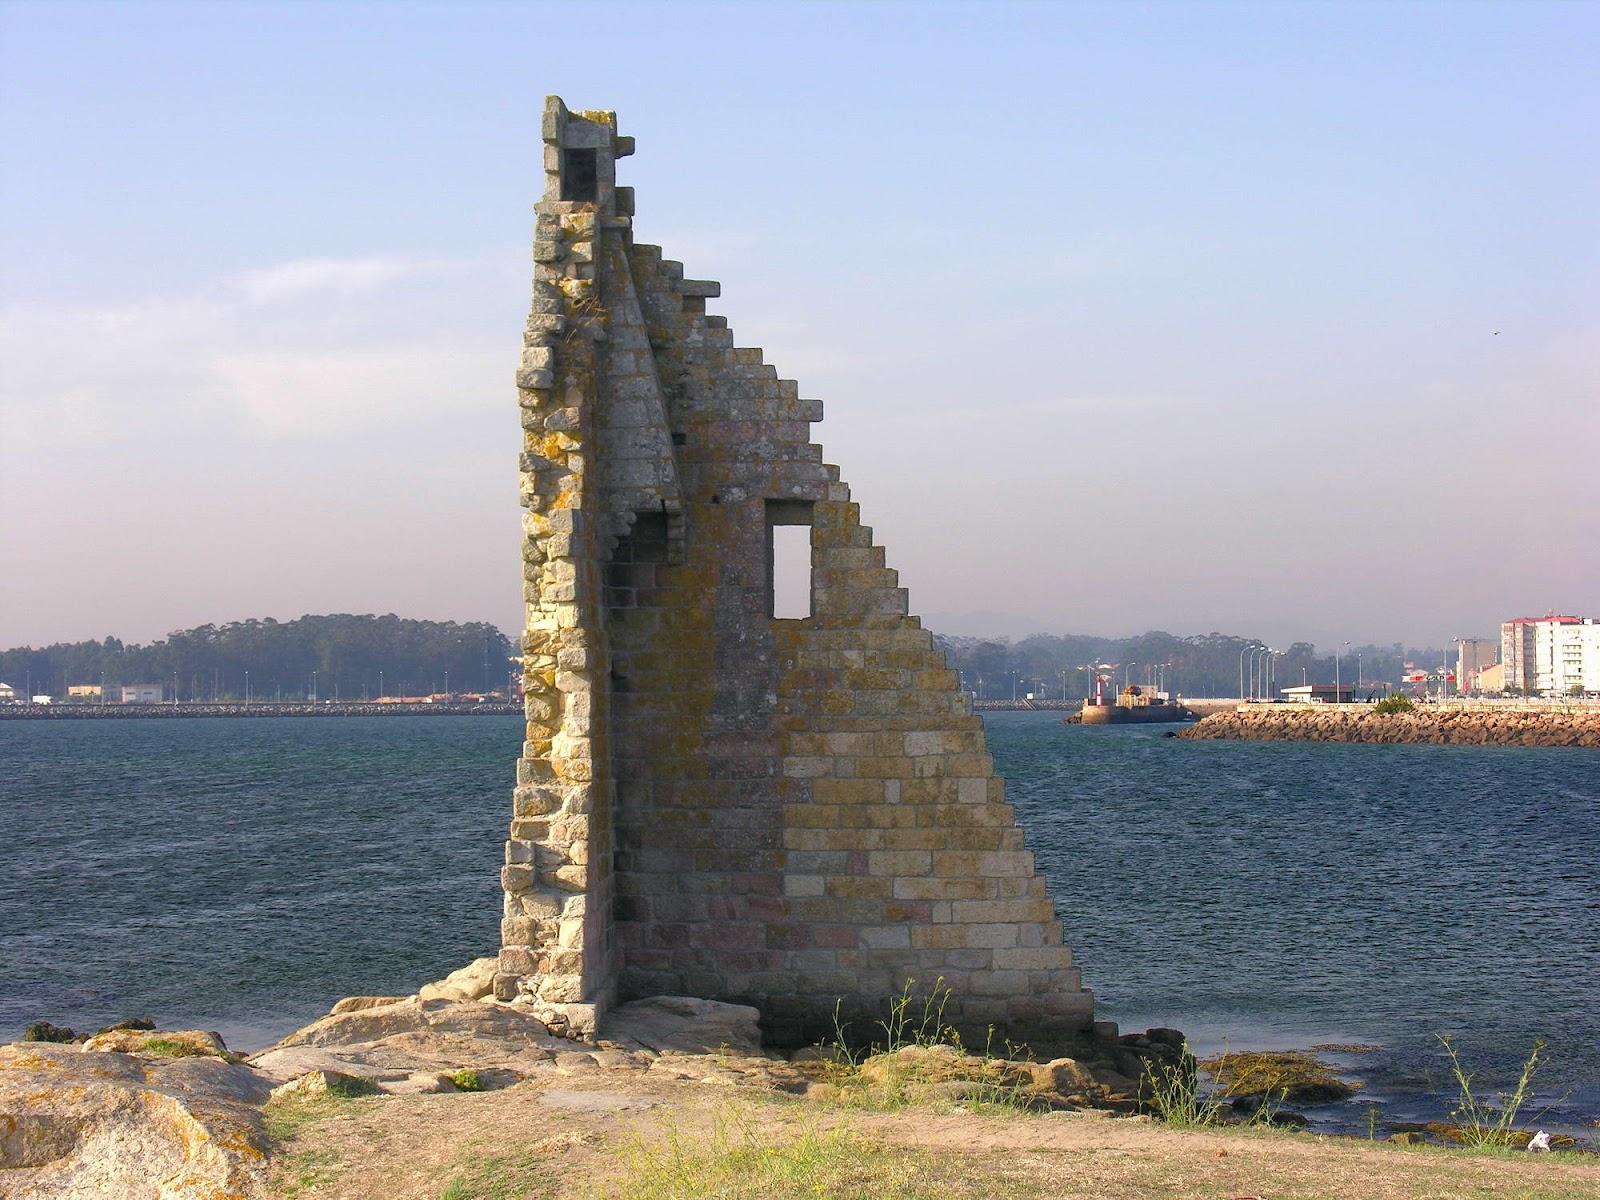 http://2.bp.blogspot.com/-gM2-7xwIBbU/UBXIQu8noaI/AAAAAAABfxg/njnYtZoiUTA/s1600/Cambados_Galicia_85.jpeg